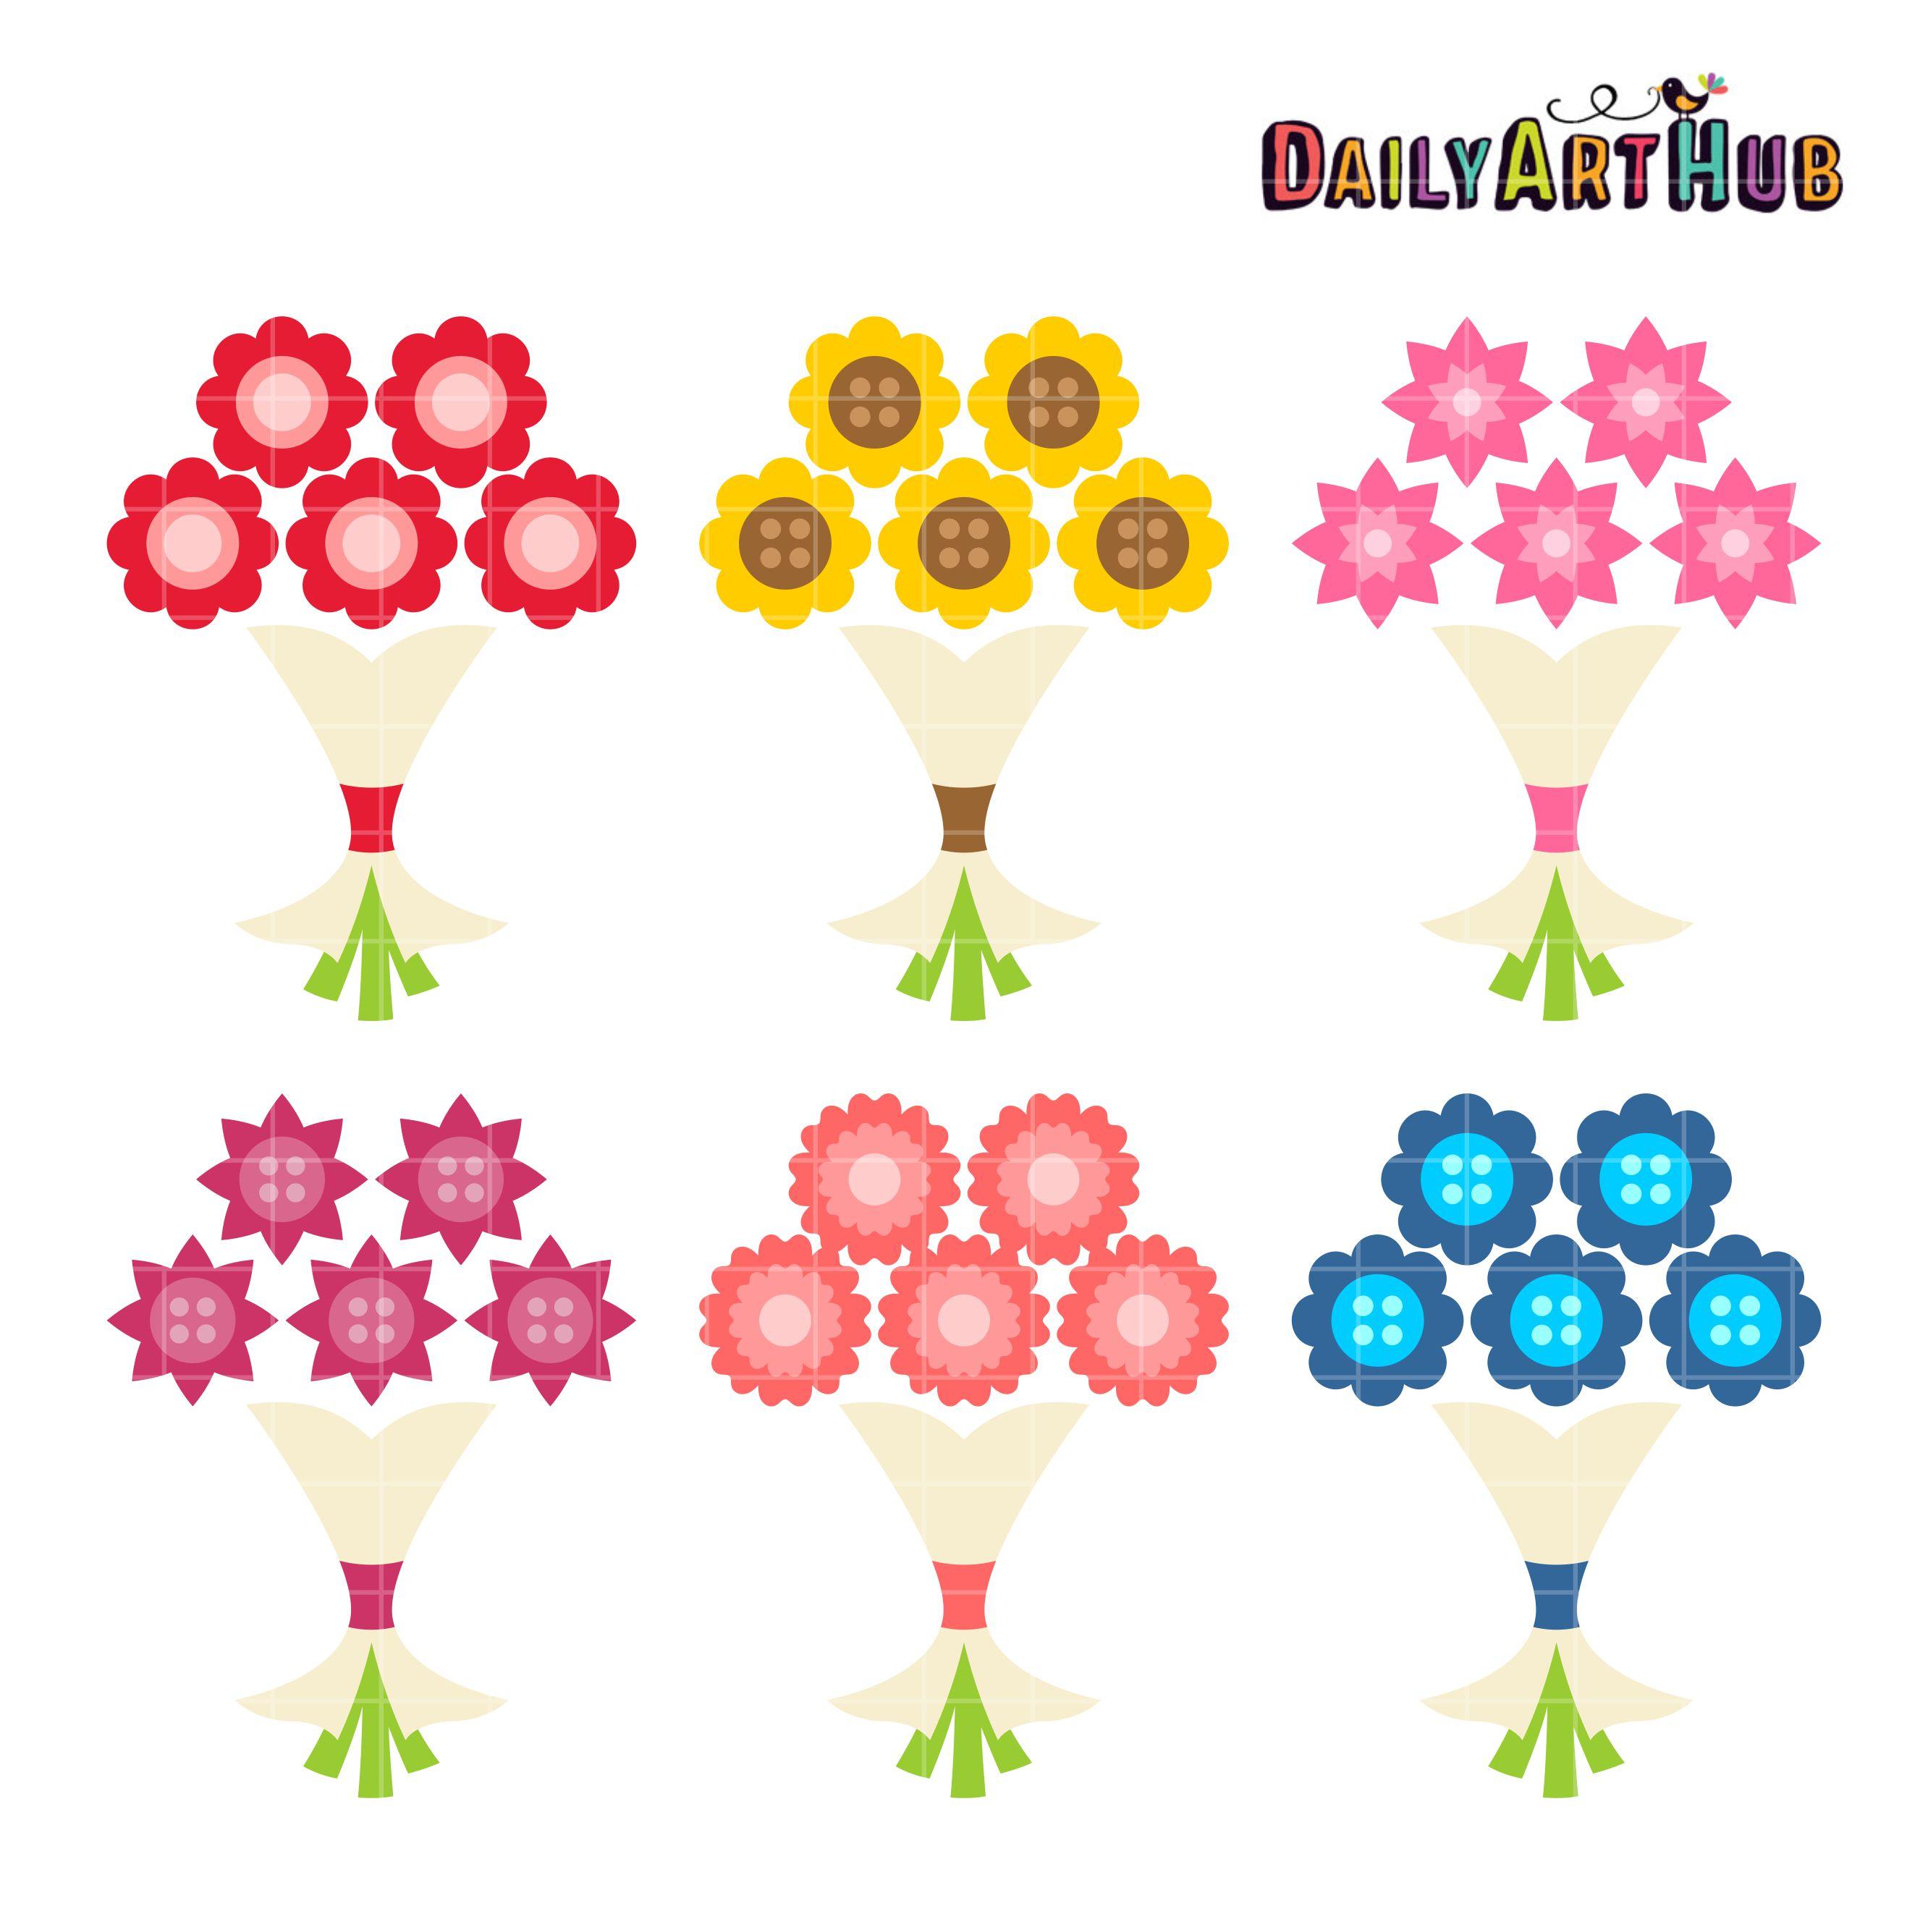 Simple clipart flower bouquet Daily Clip Flower Simple Art